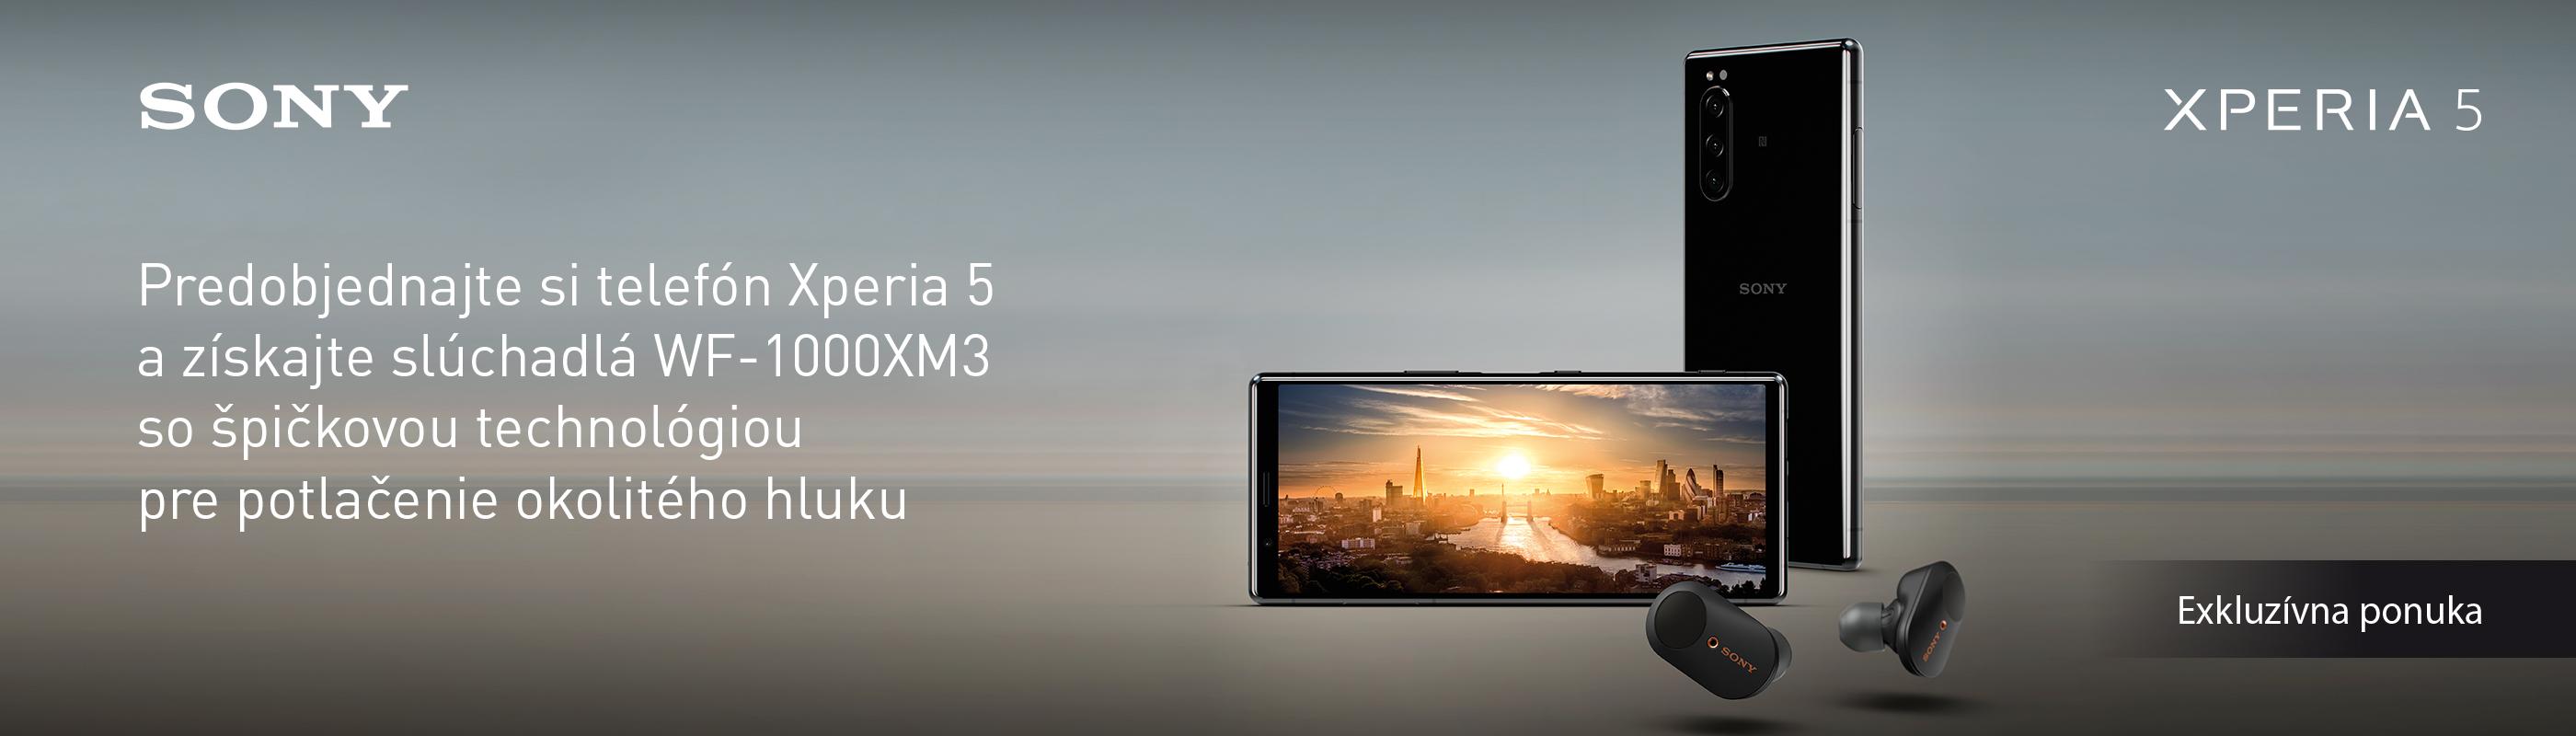 Špičkové slúchadlá Sony ako bonus k predobjednávkam Sony Xperia 5